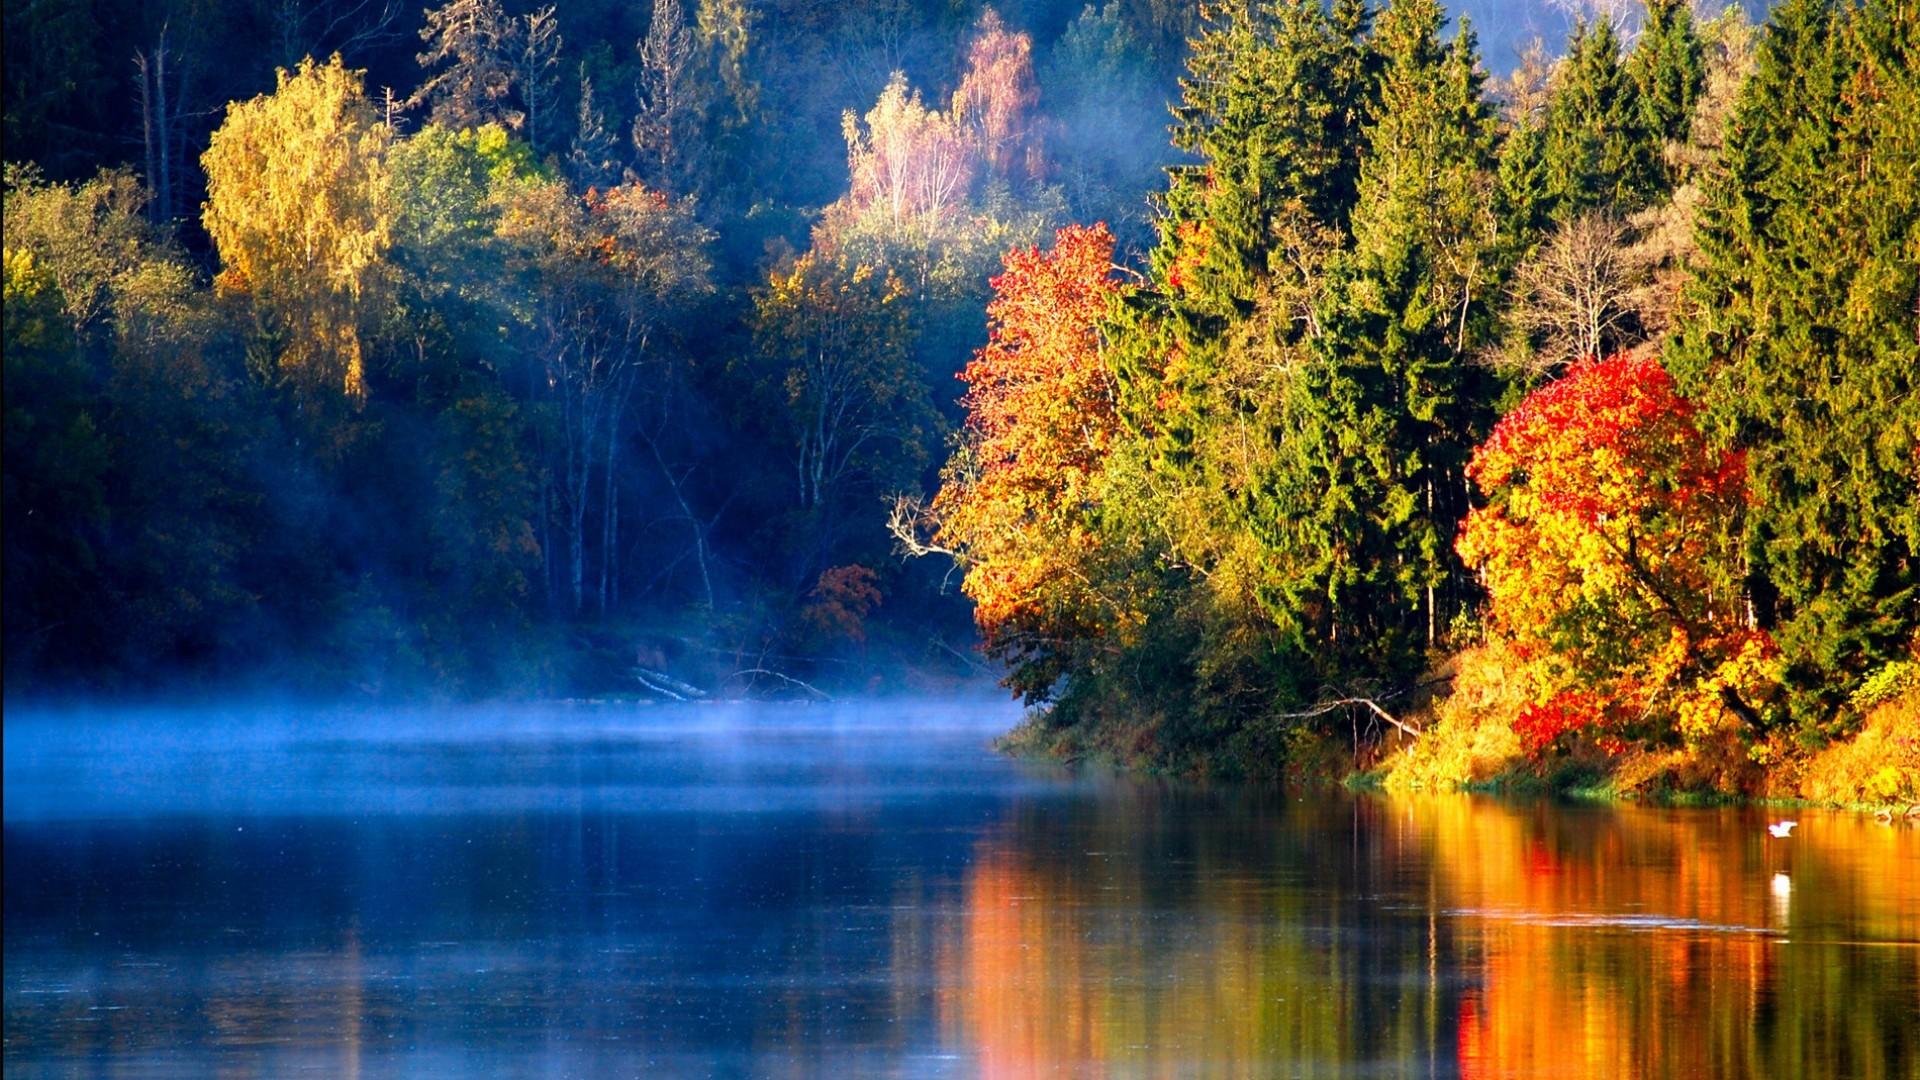 Beautiful River Nature Desktop Wallpapers